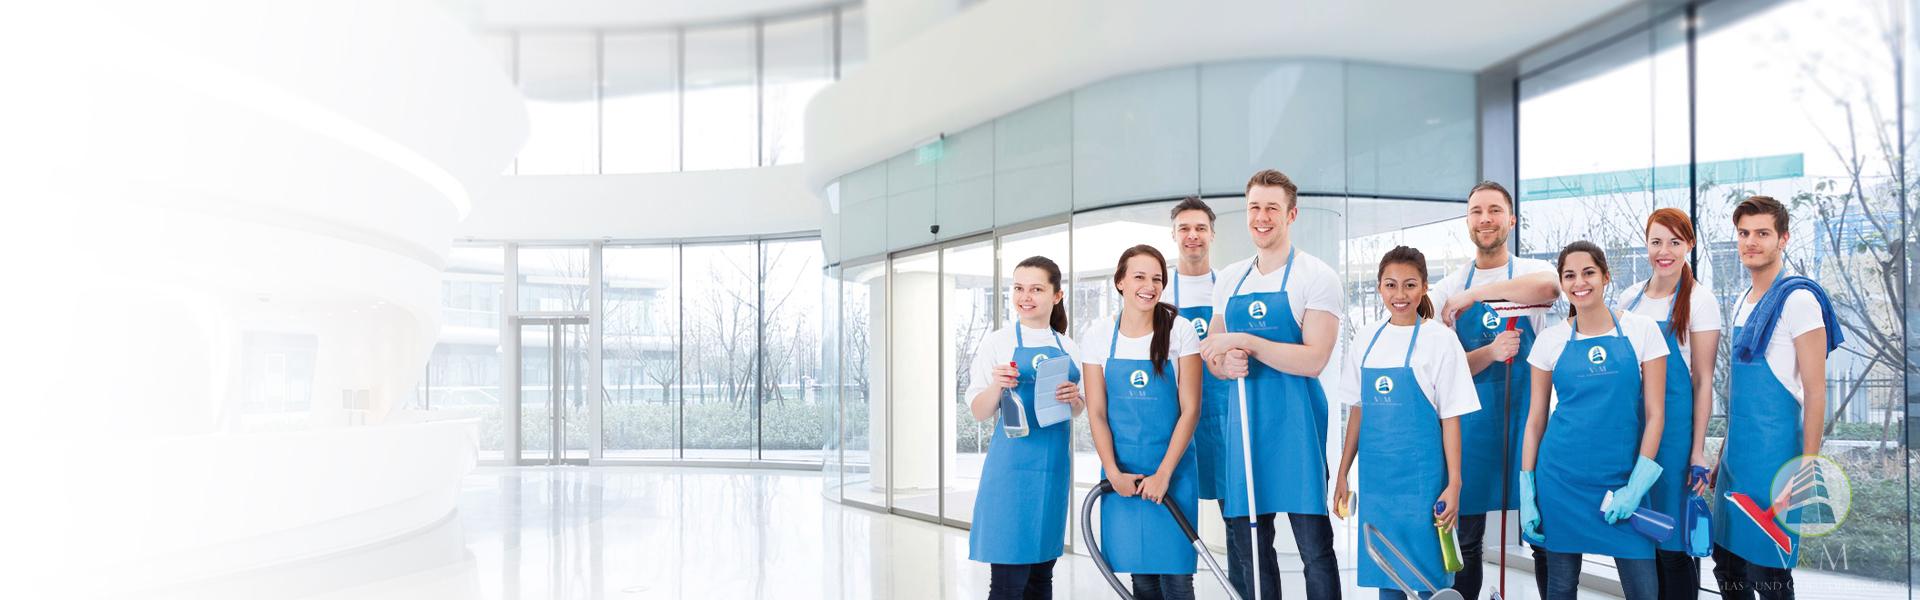 Professionelle Glas- und Gebäudereinigung in Bremen, Stuhr, Delmenhorst, Osterholz